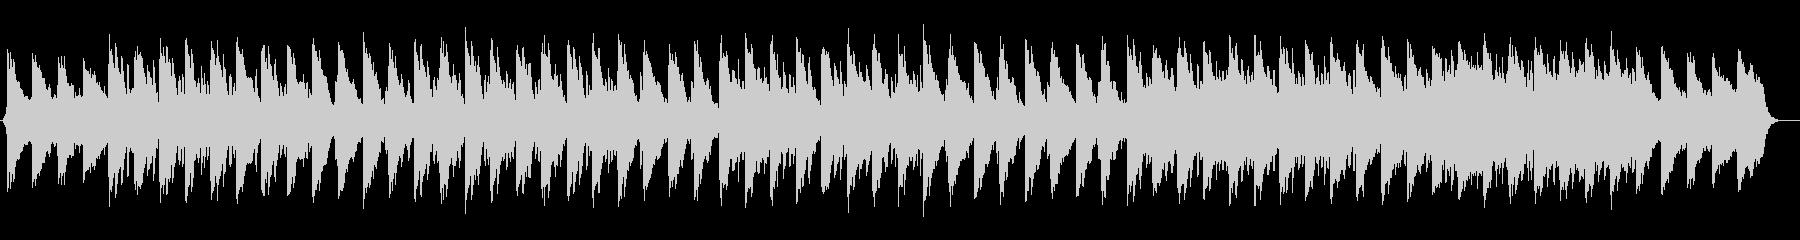 ゆったり涼しげなシンセサイザーサウンドの未再生の波形